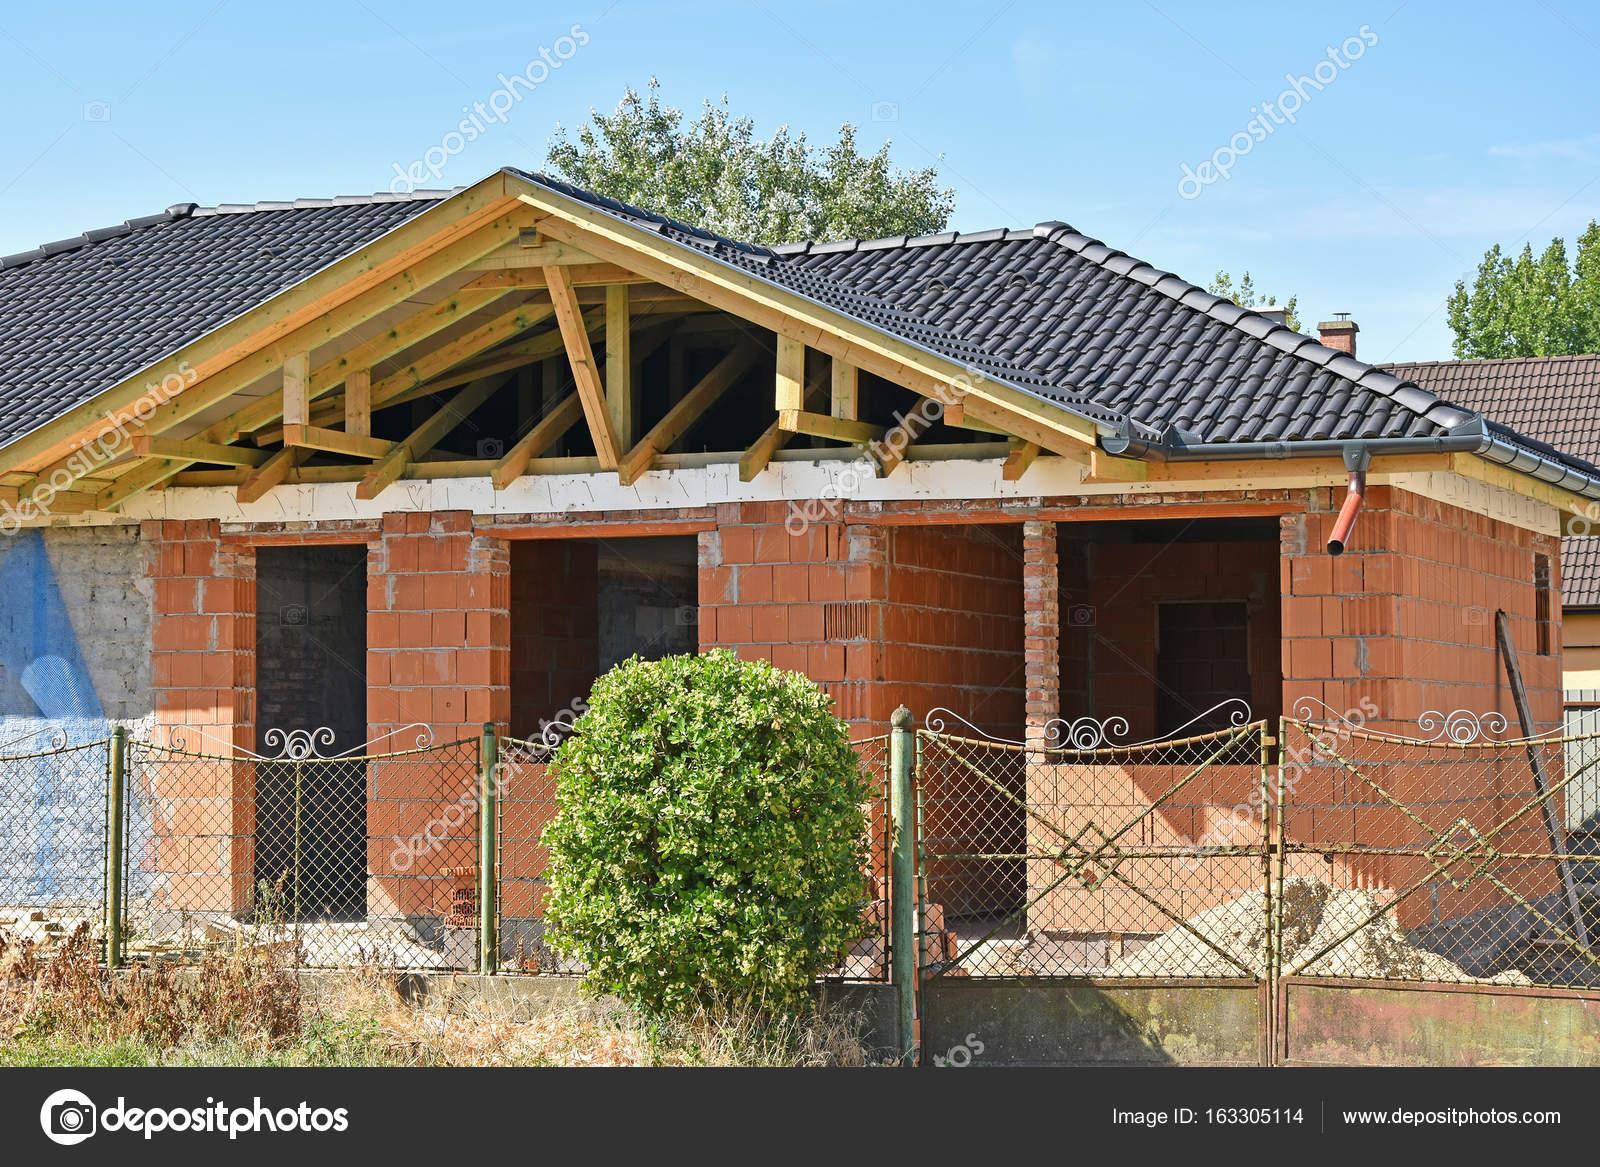 Een Nieuw Huis : Bouw van een nieuw huis u2014 stockfoto © majorosl66 #163305114